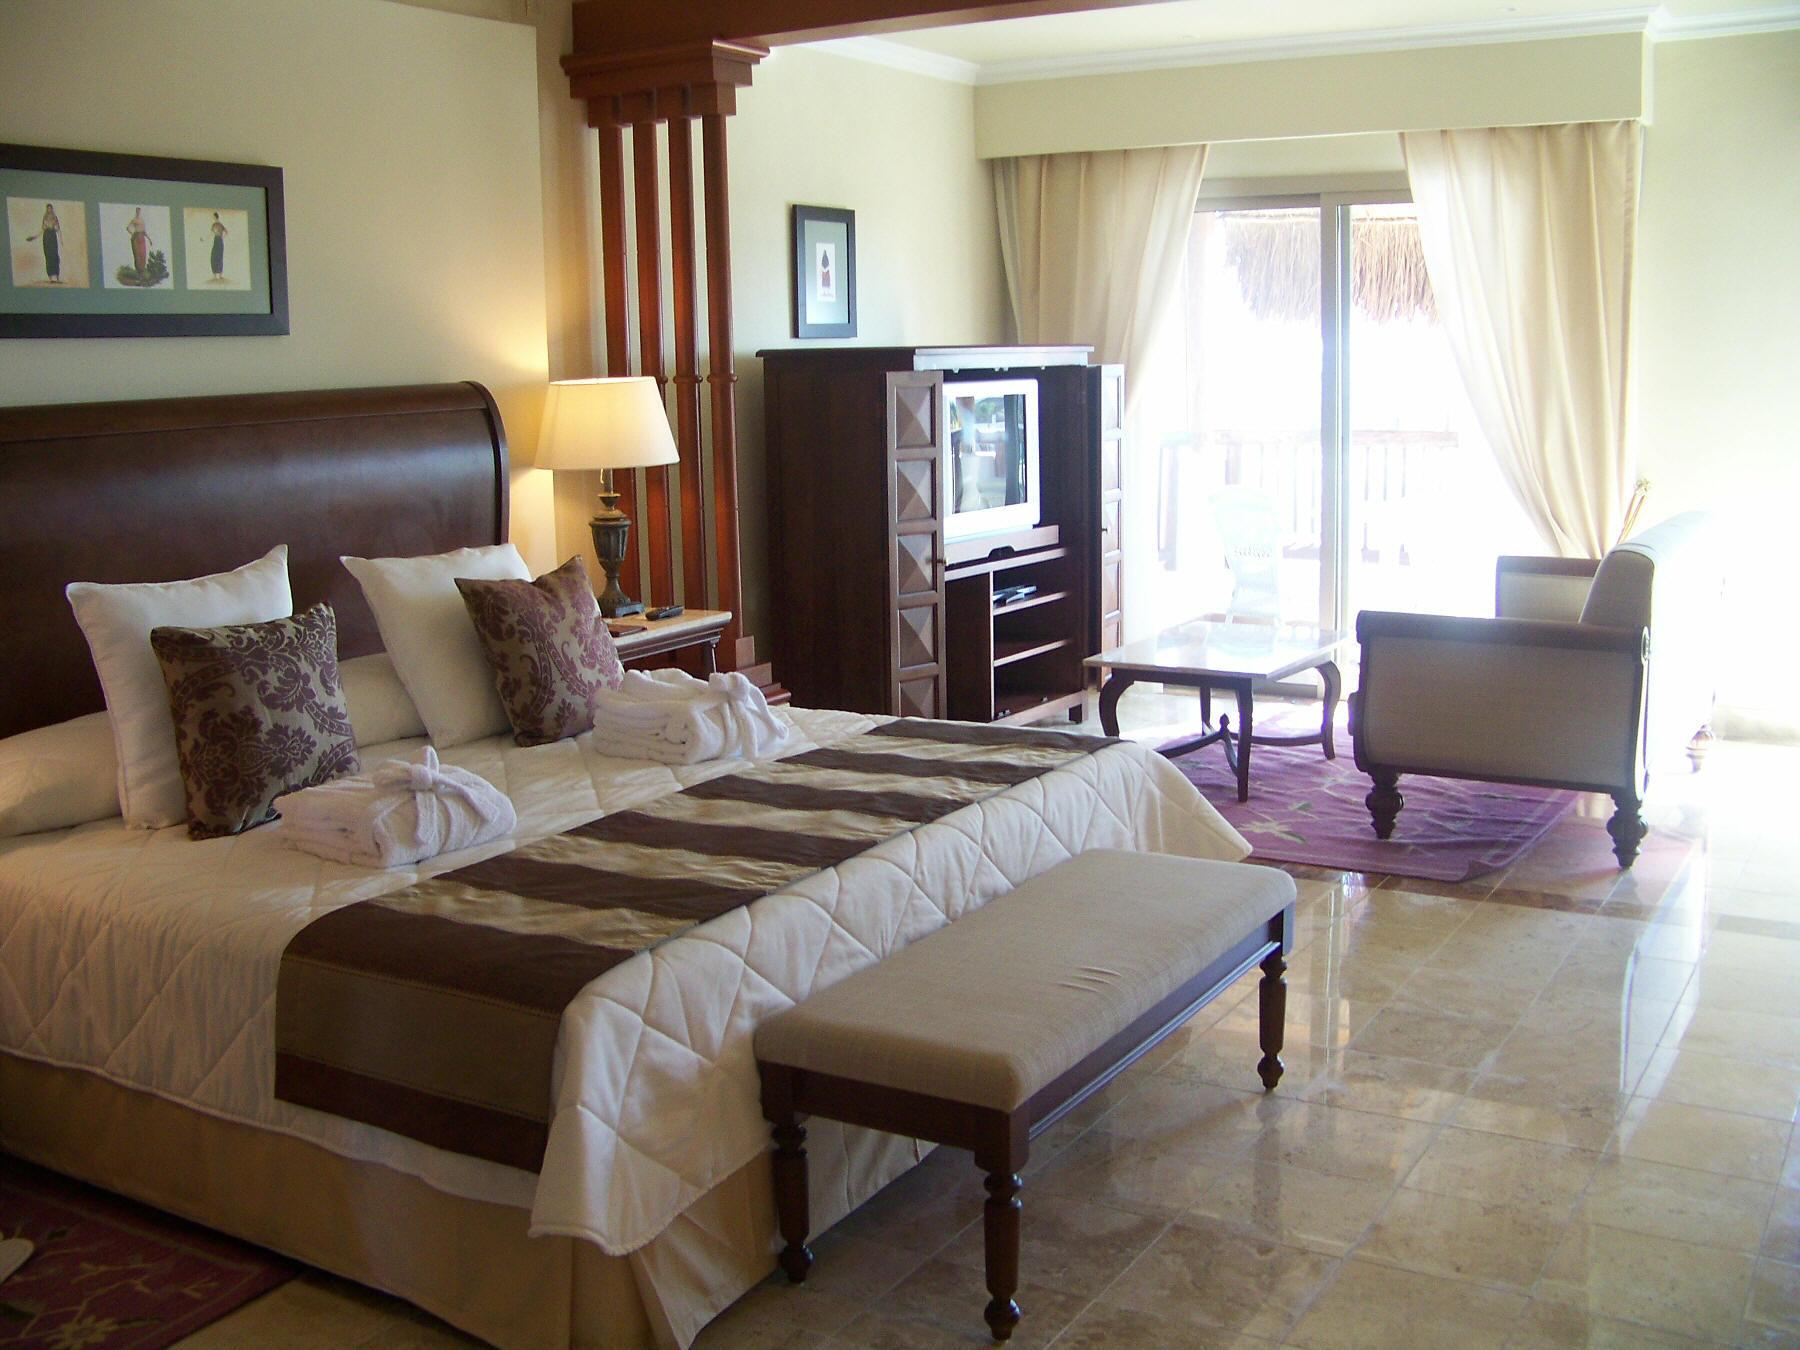 valentin imperial maya hotel accommodations - Valentin Imperial Maya Dress Code